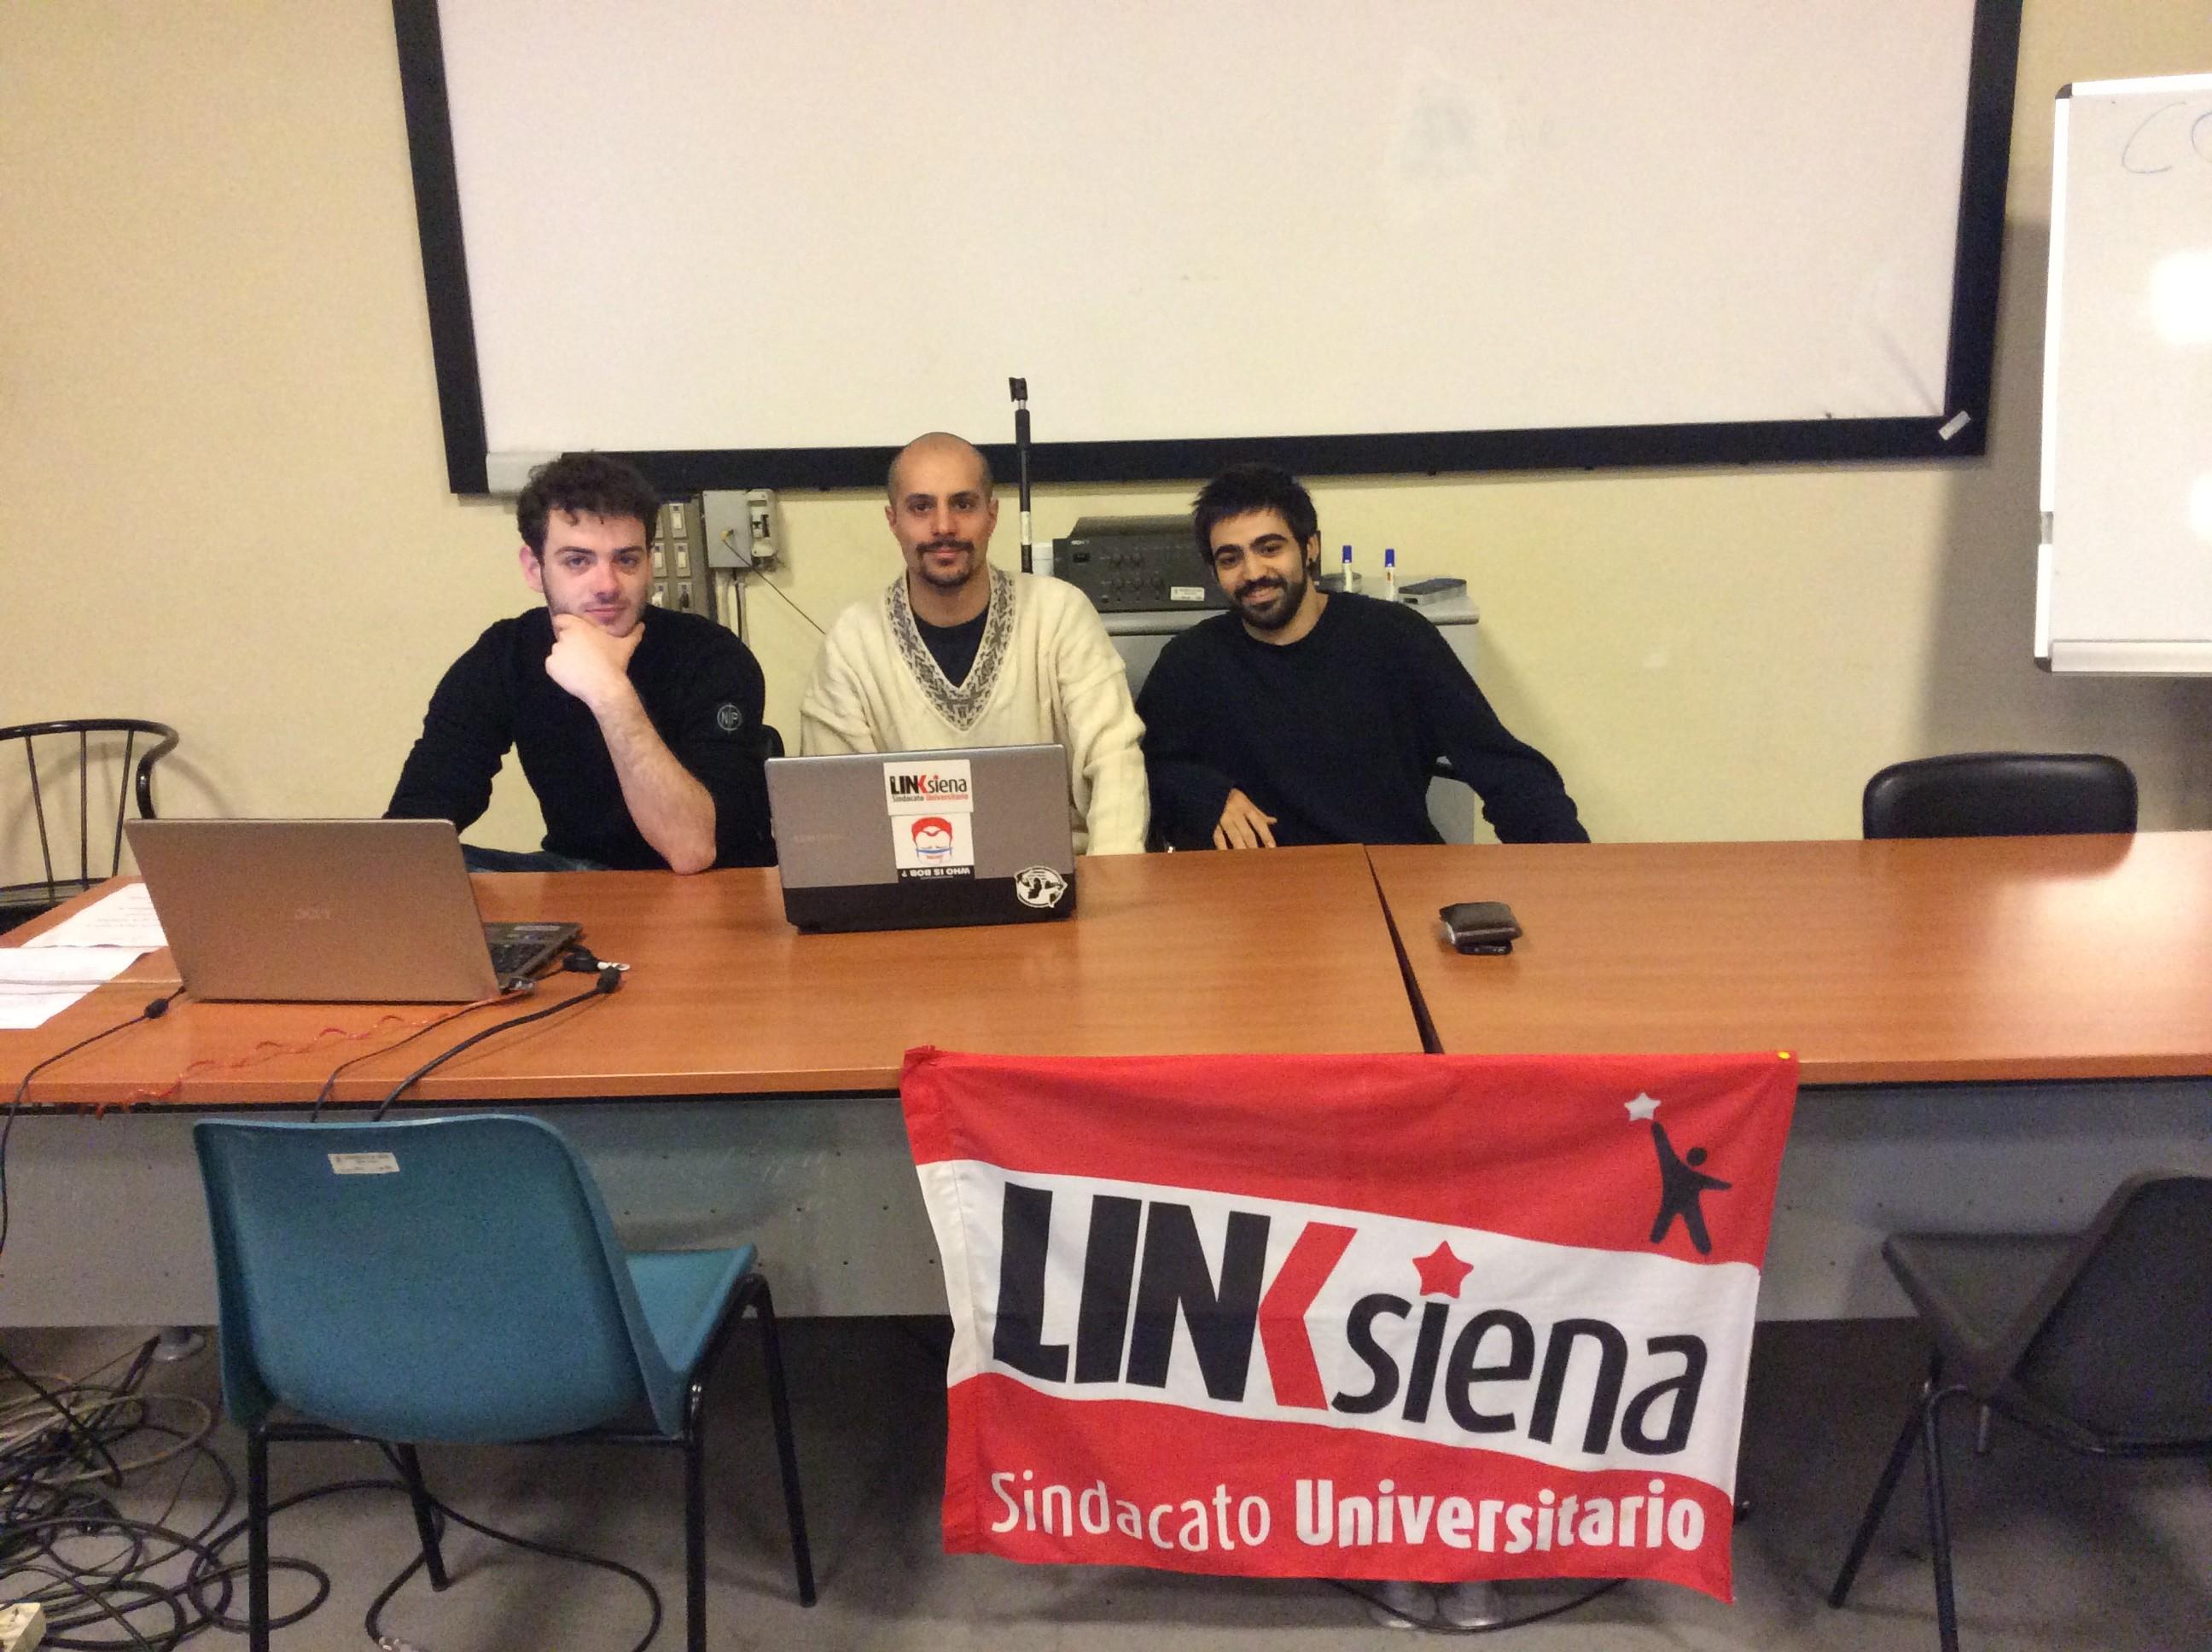 Link Siena, tre eventi per parlare di psichiatria, oncologia e politica